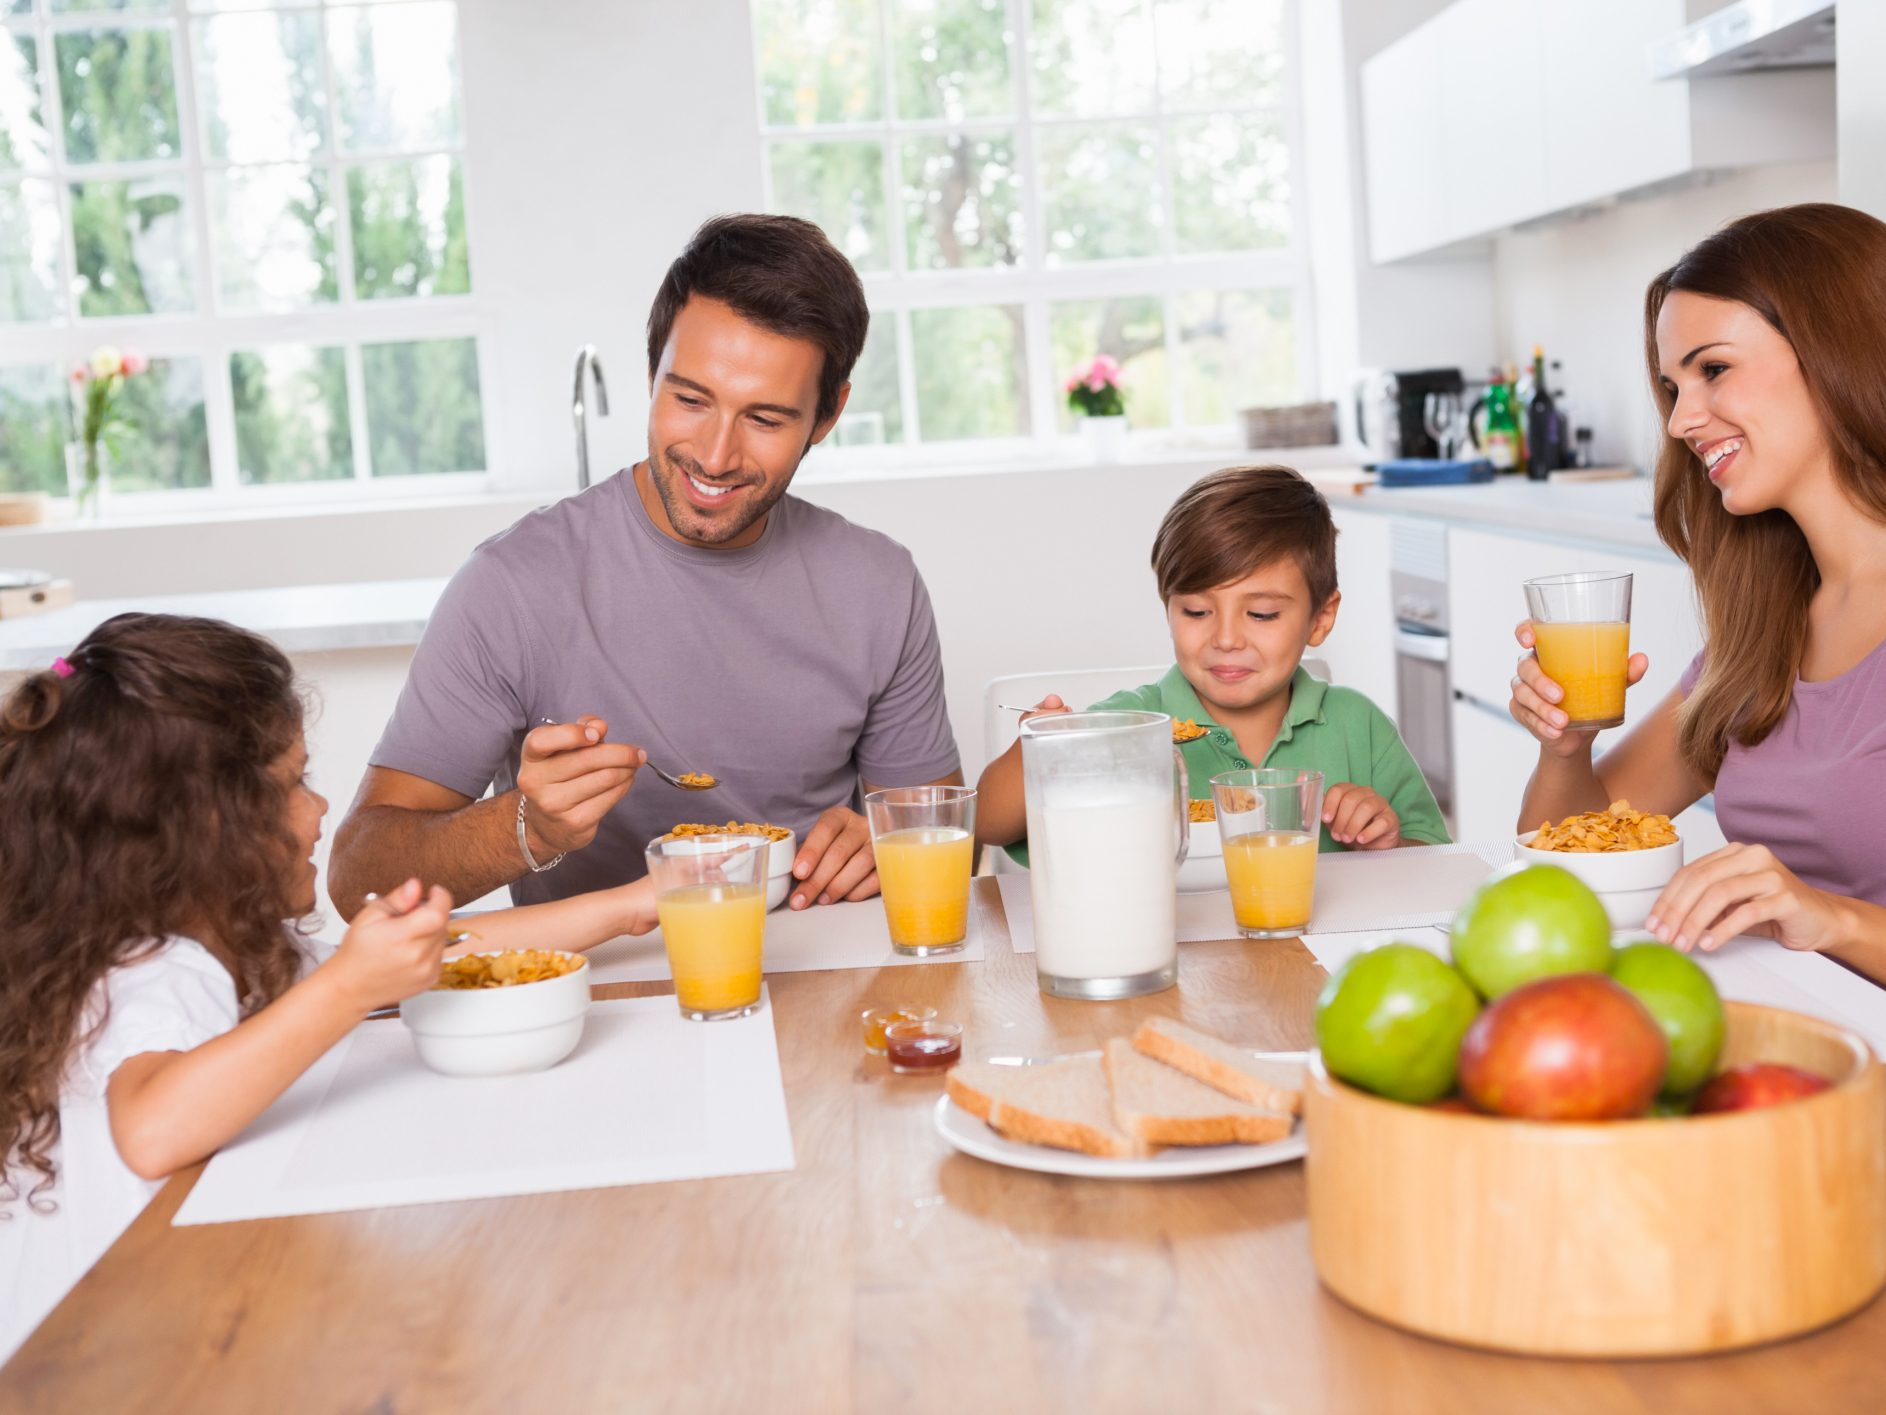 2. Qu'en est-il du favoritisme des parents? A-t-il une incidence à l'âge adulte?